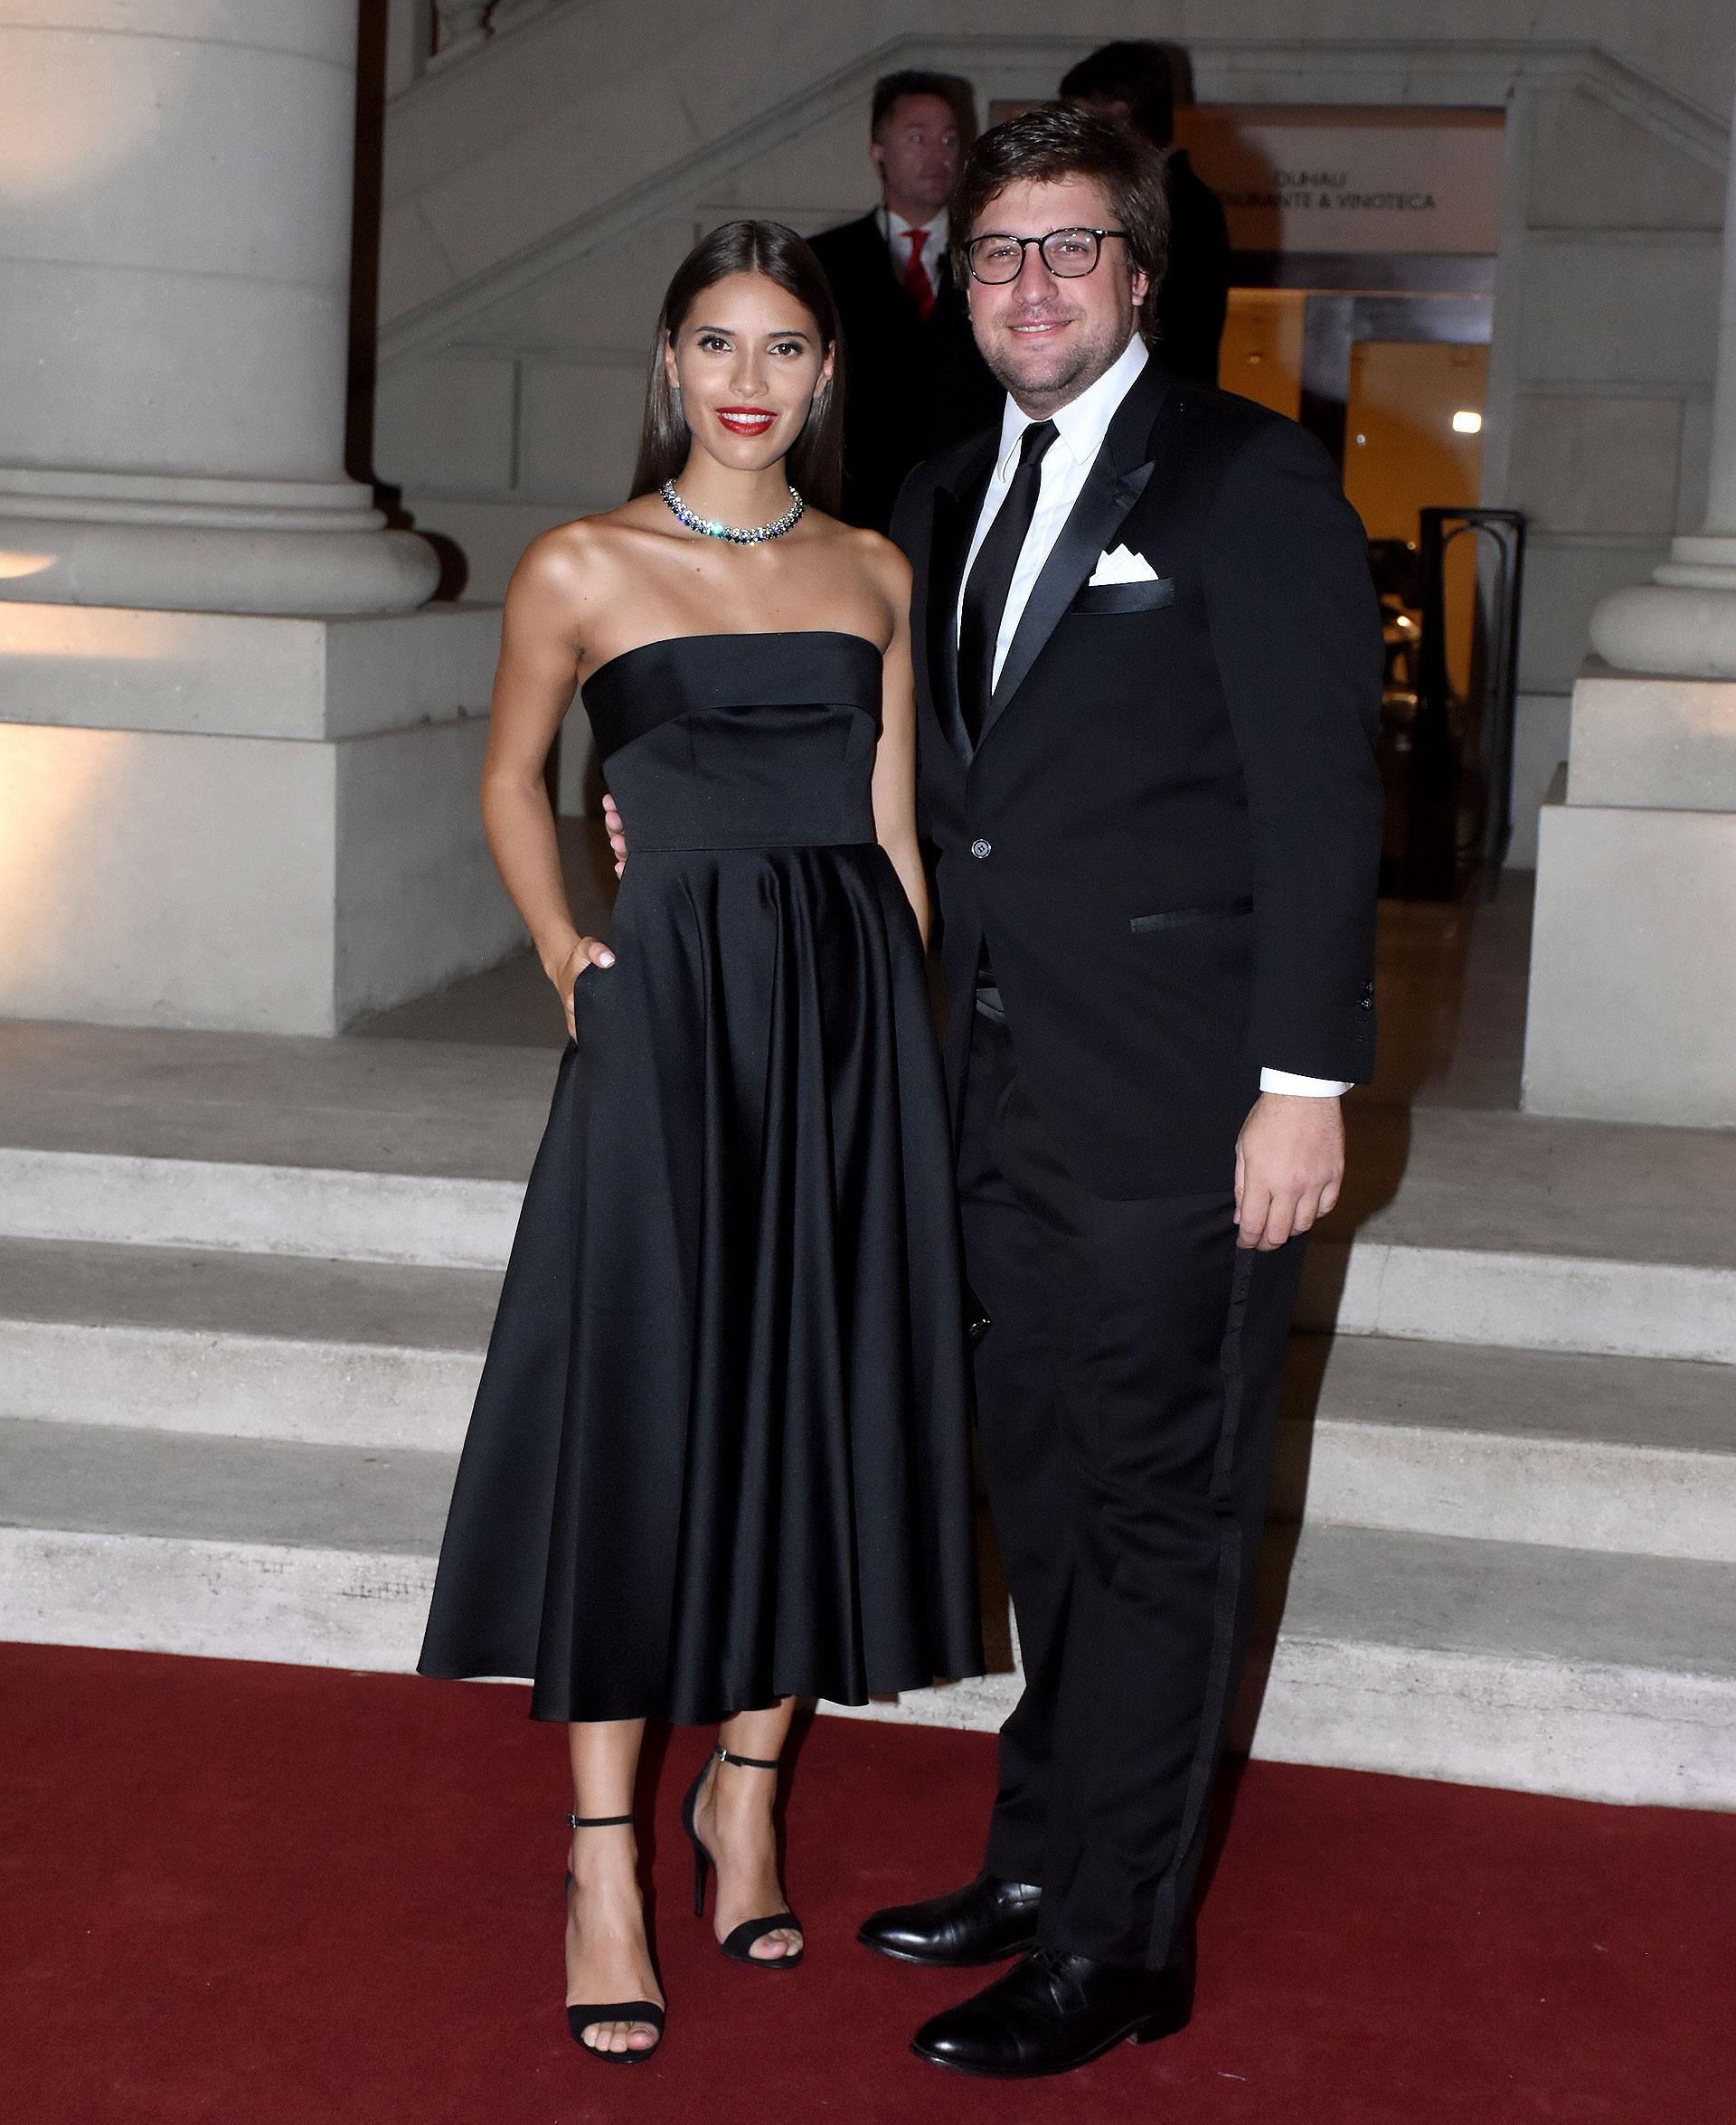 Taína Laurino Ferreira y Georgie Neuss